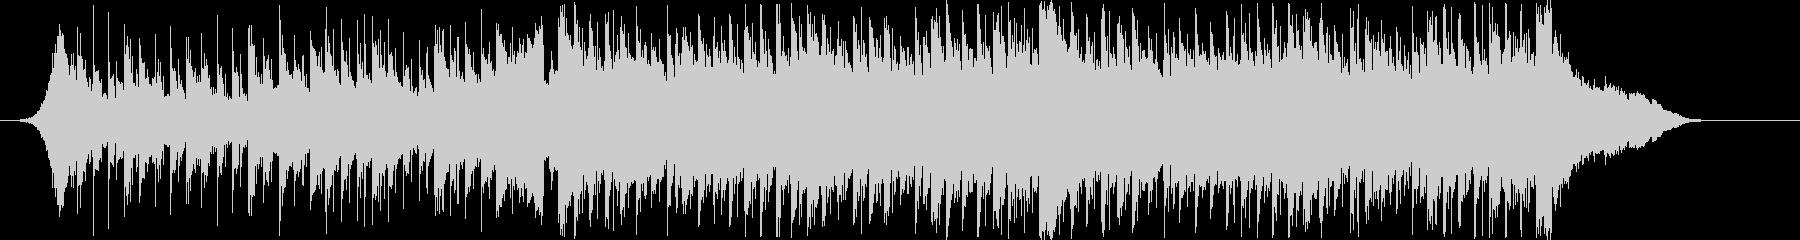 爽やか躍動感ピアノフルートコーポレートCの未再生の波形